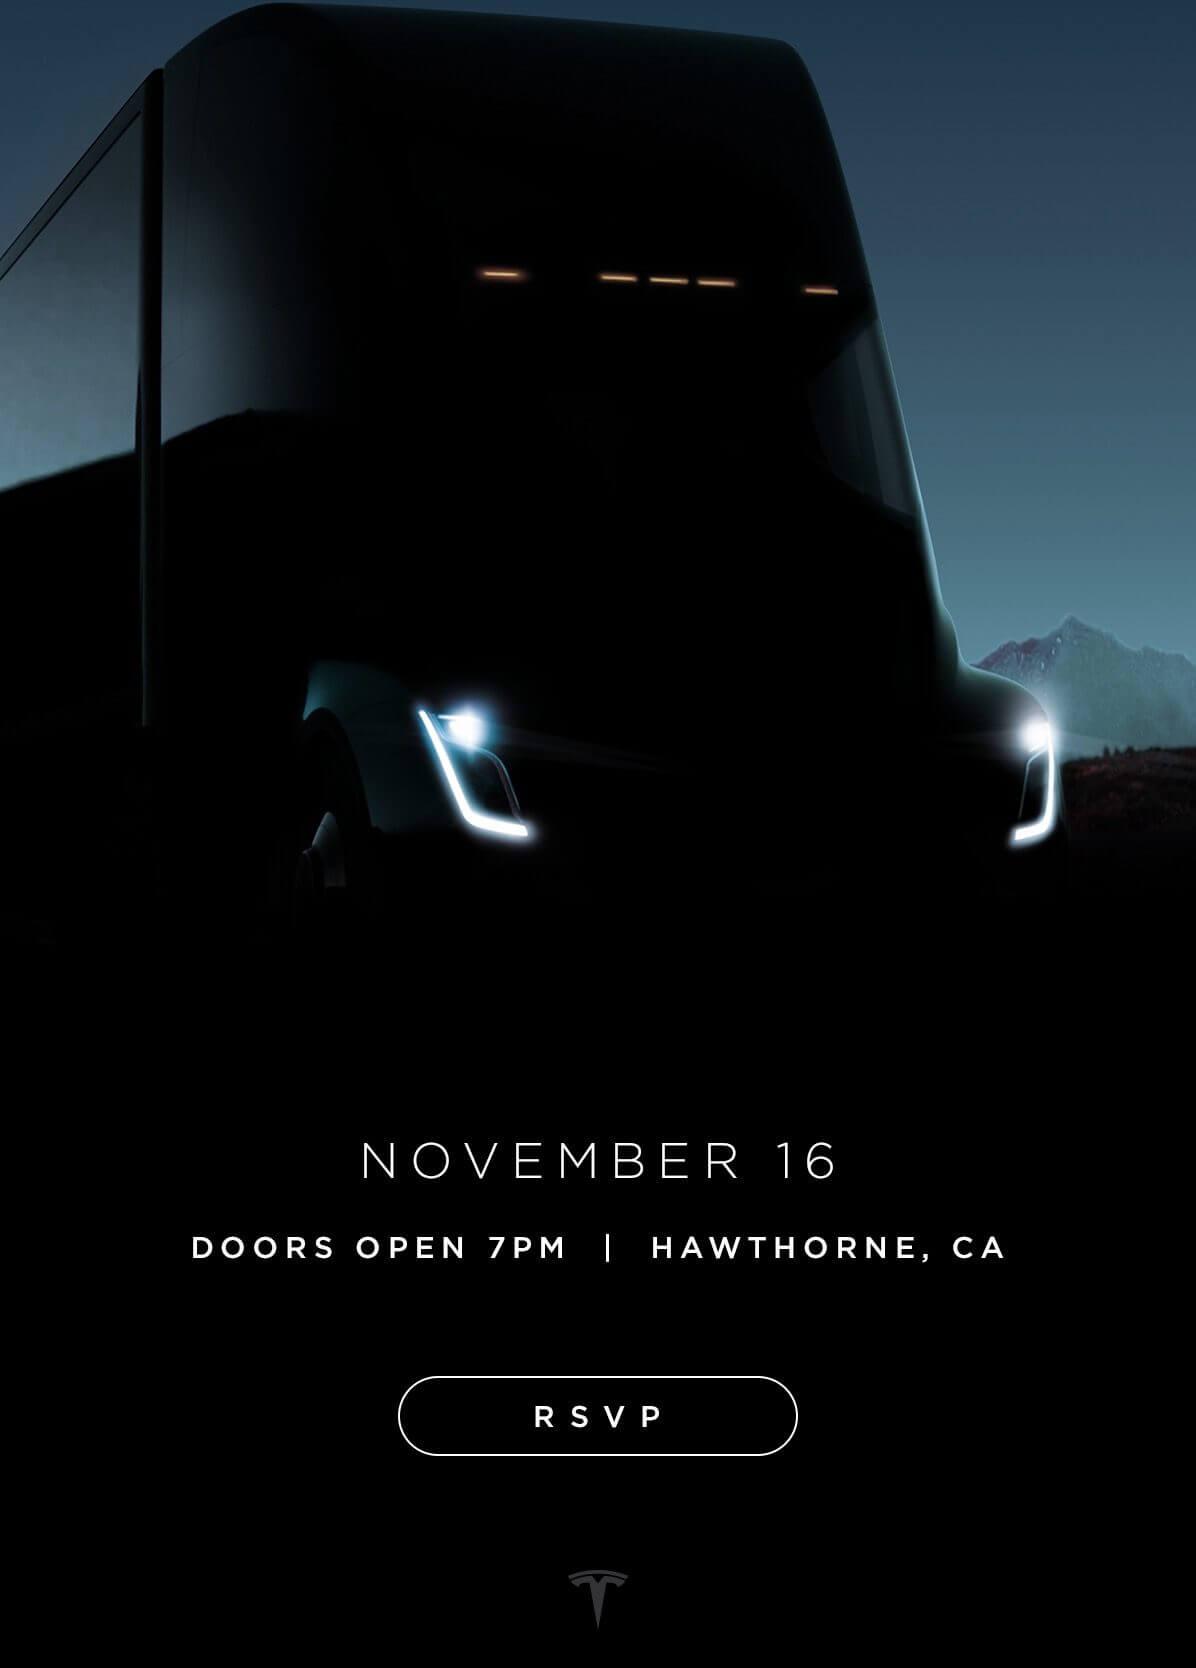 Скриншот приглашения Tesla наофициальную презентацию Tesla Semi